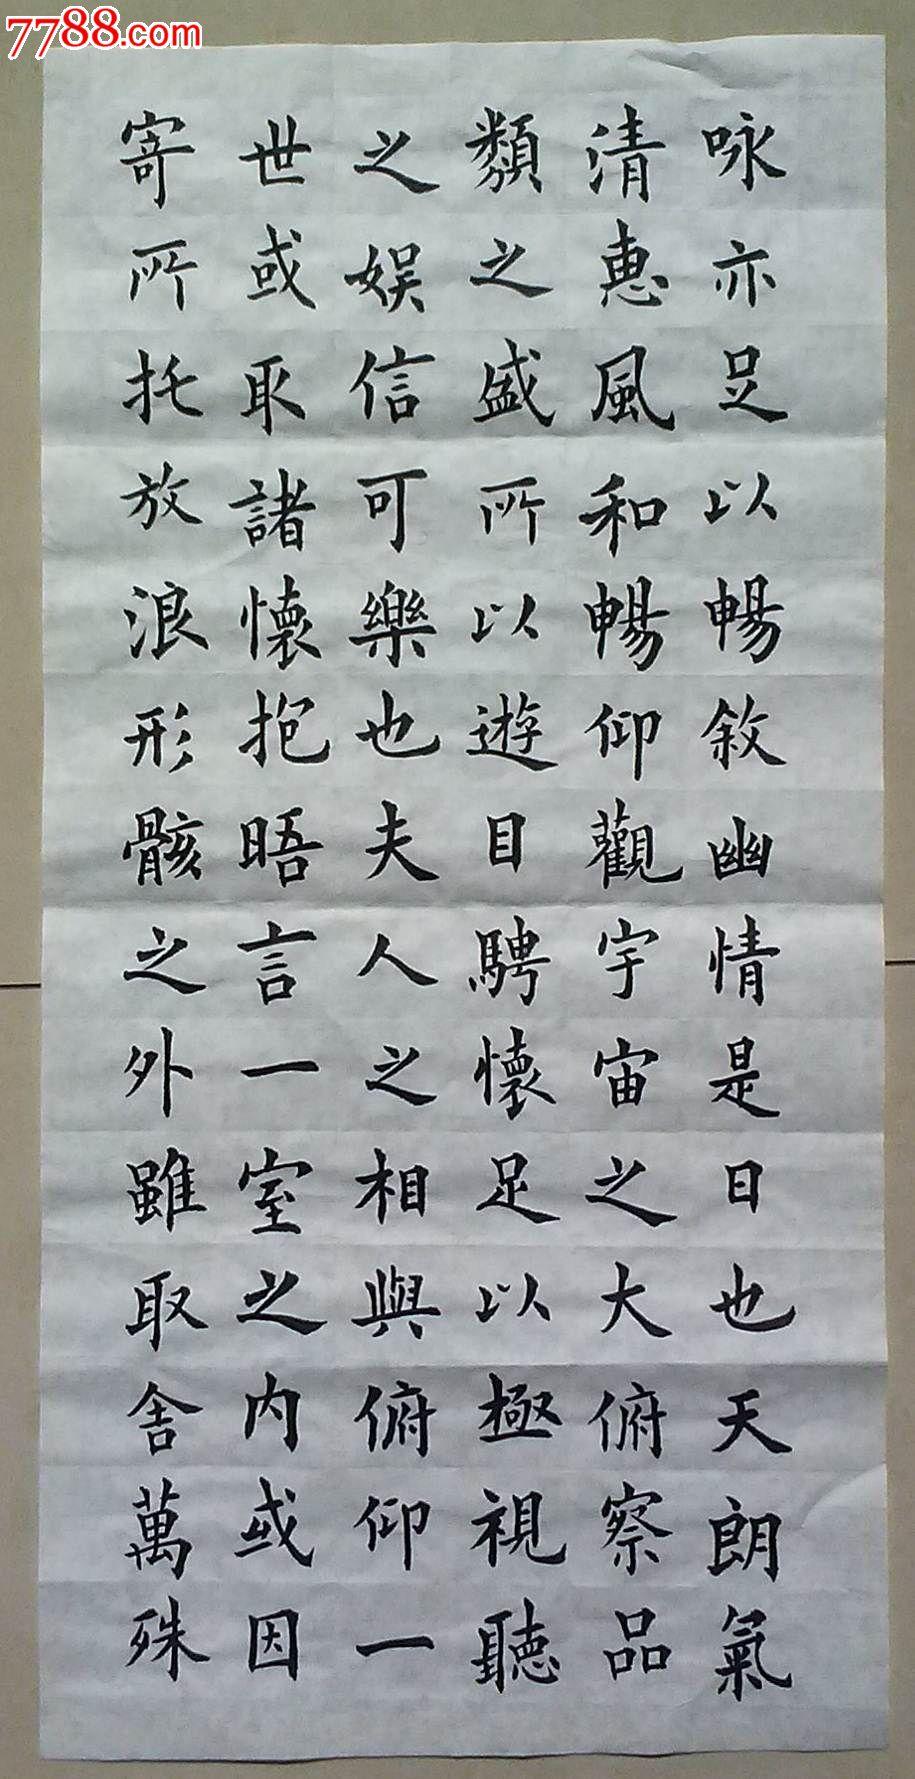 毛笔楷书手写欧体书法作品兰亭记